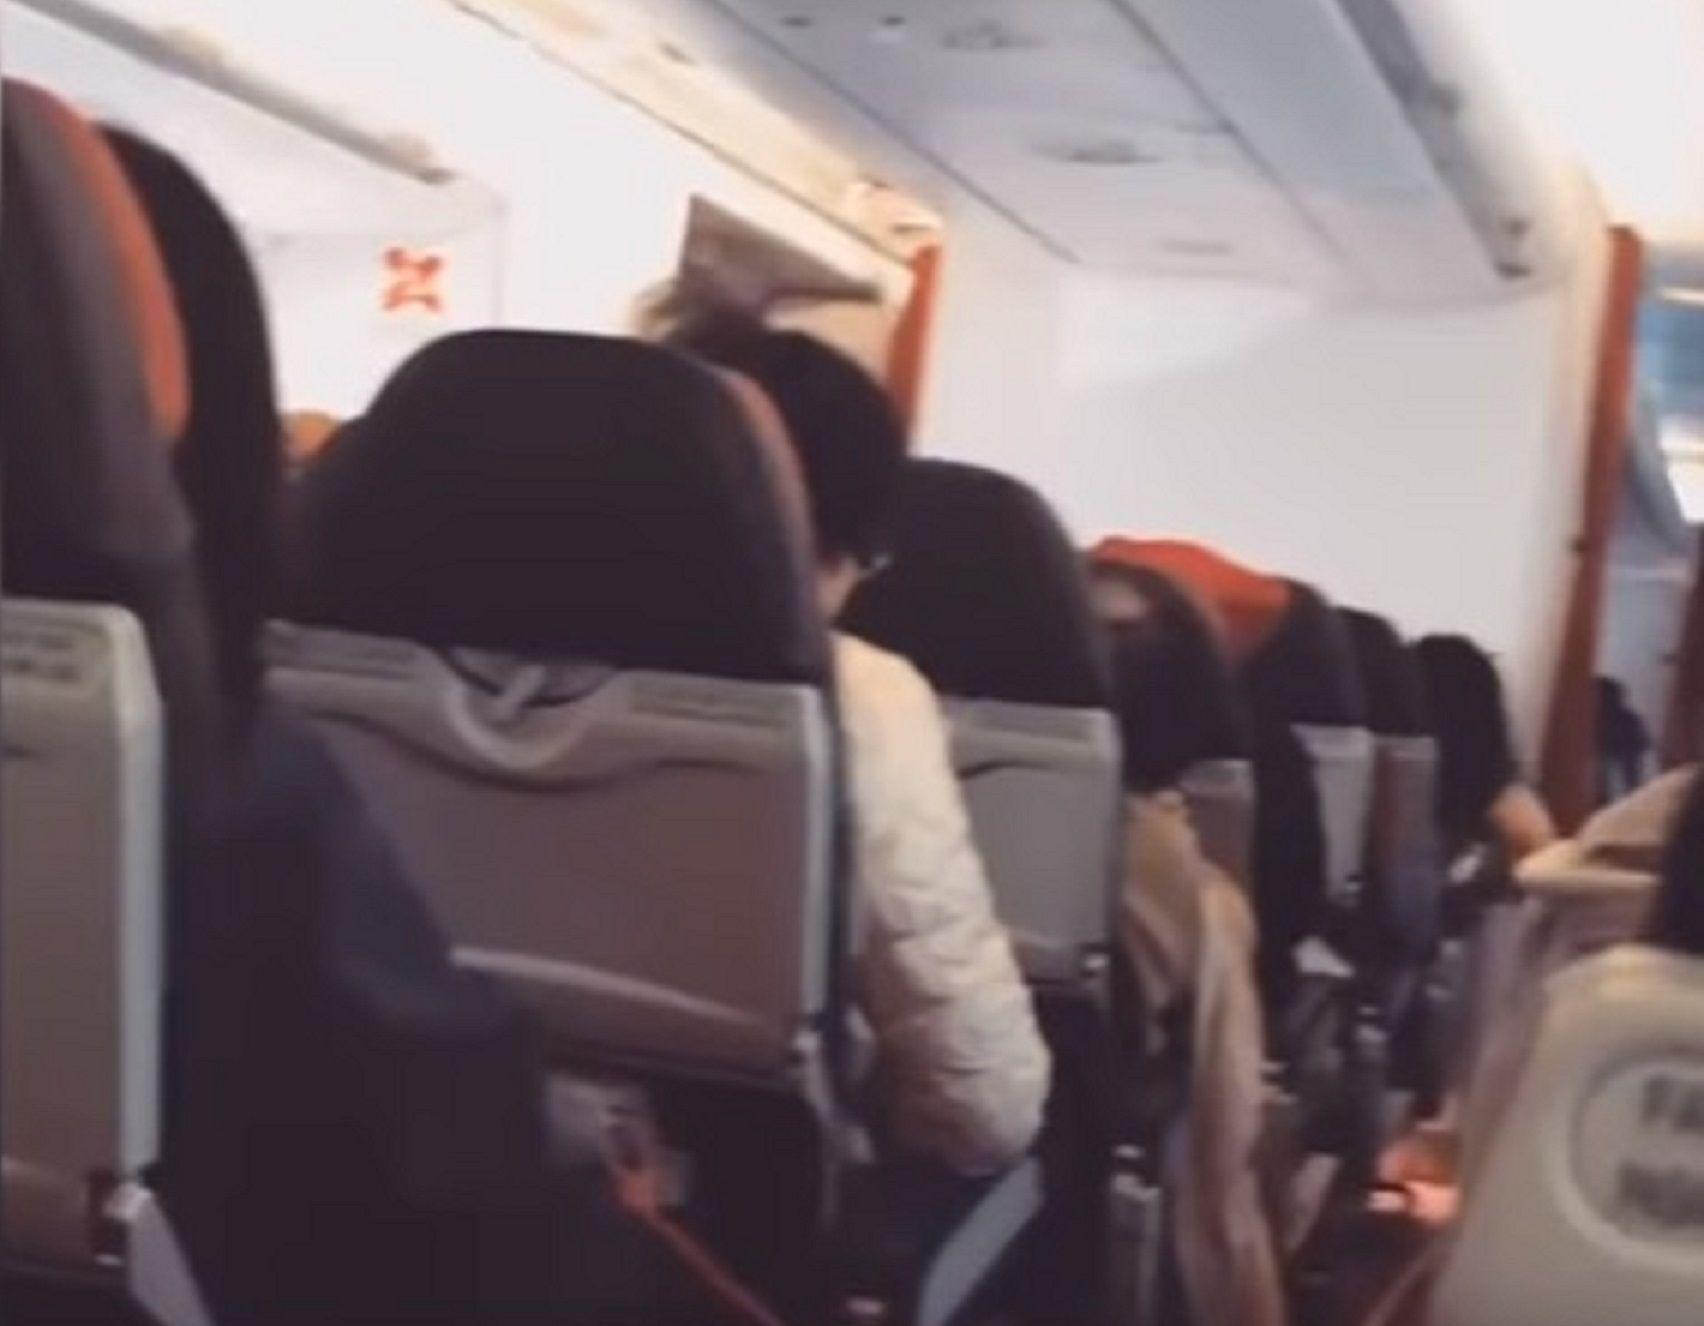 Una low cost aterrizó de emergencia tras vibrar como lavarropa